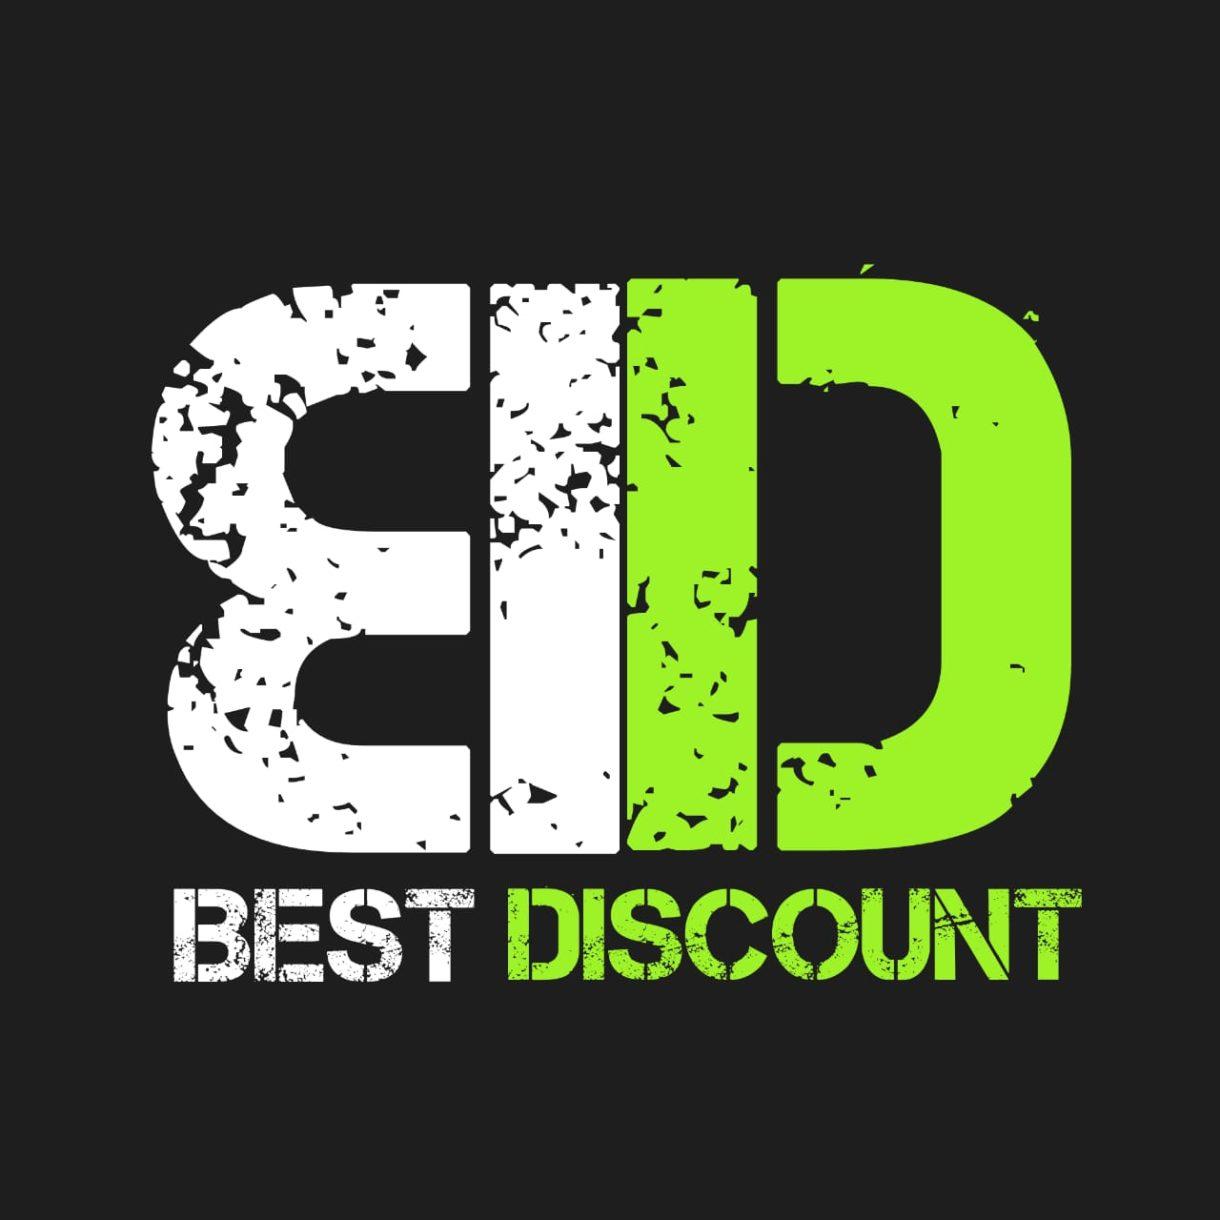 Best Discount